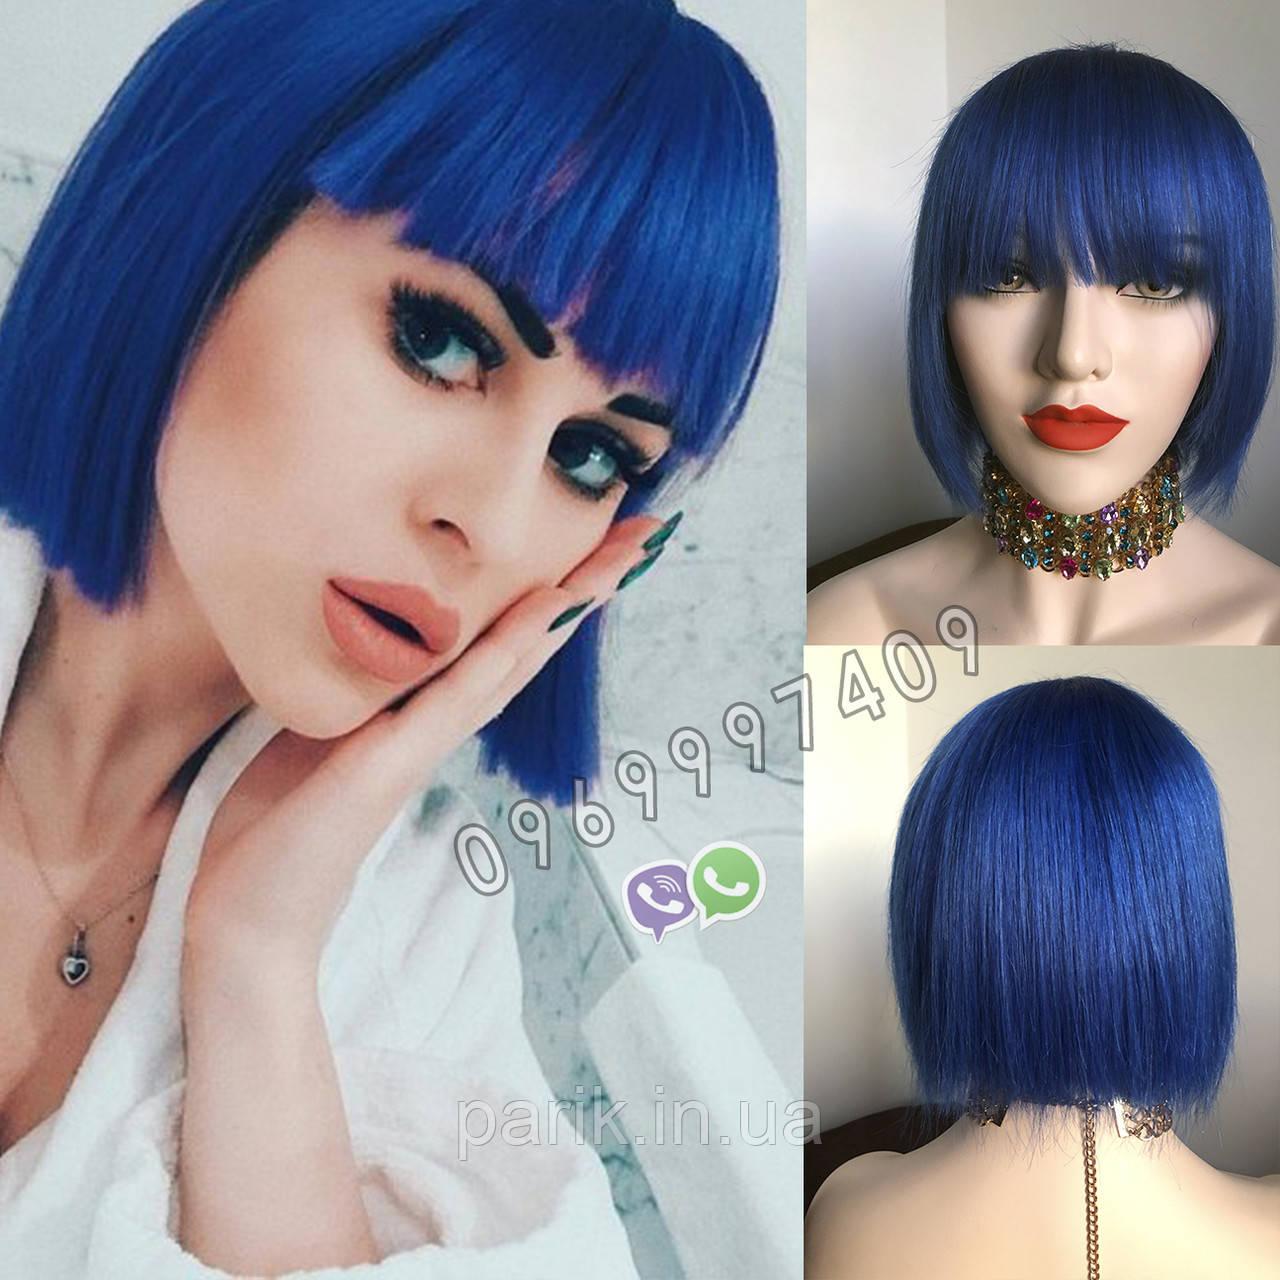 💎Натуральный синий парик. Каре с ярко синими волосами💎